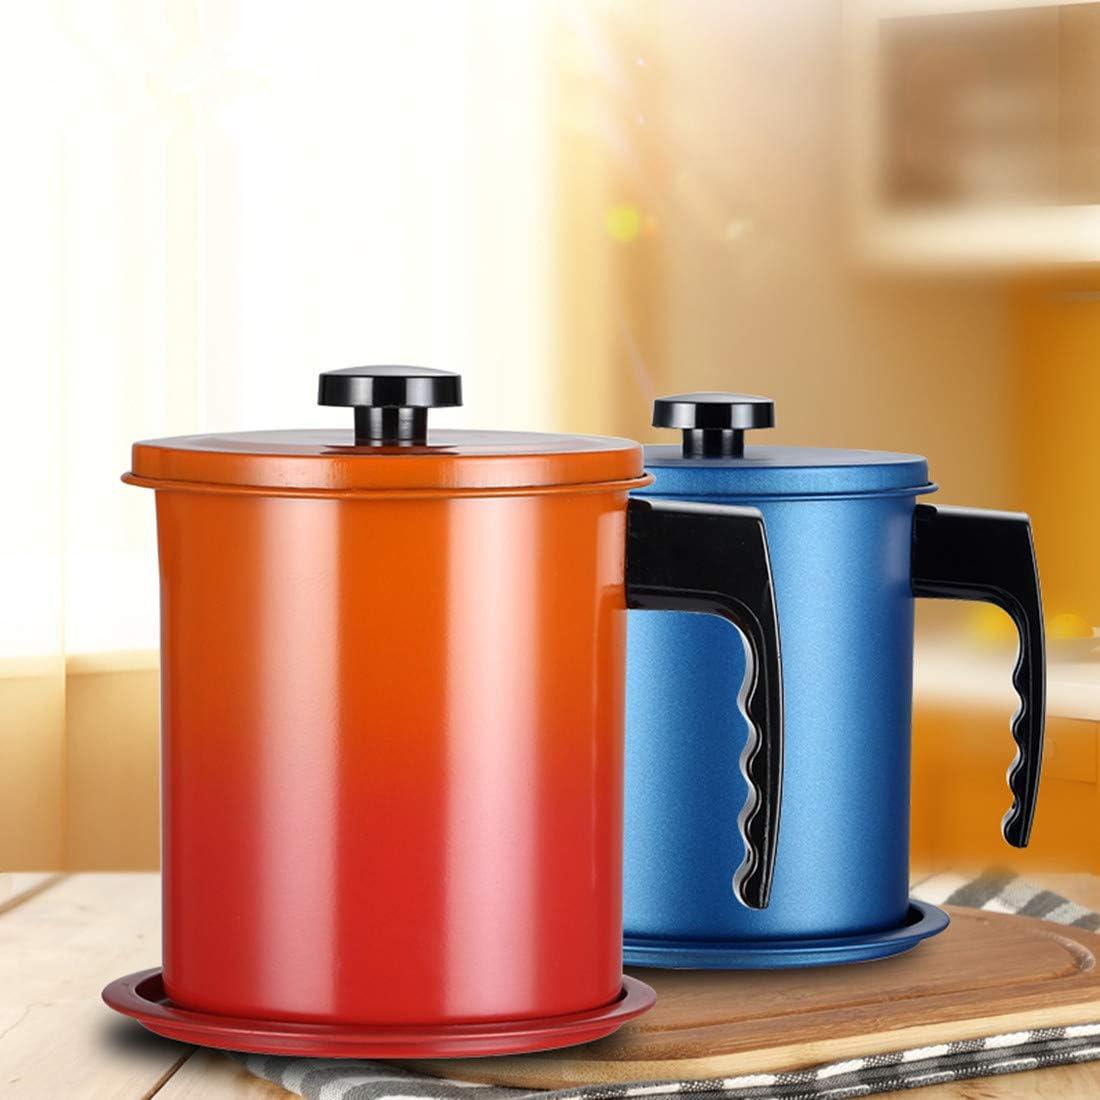 grasso con filtro per friggitrice Contenitore di olio esausto